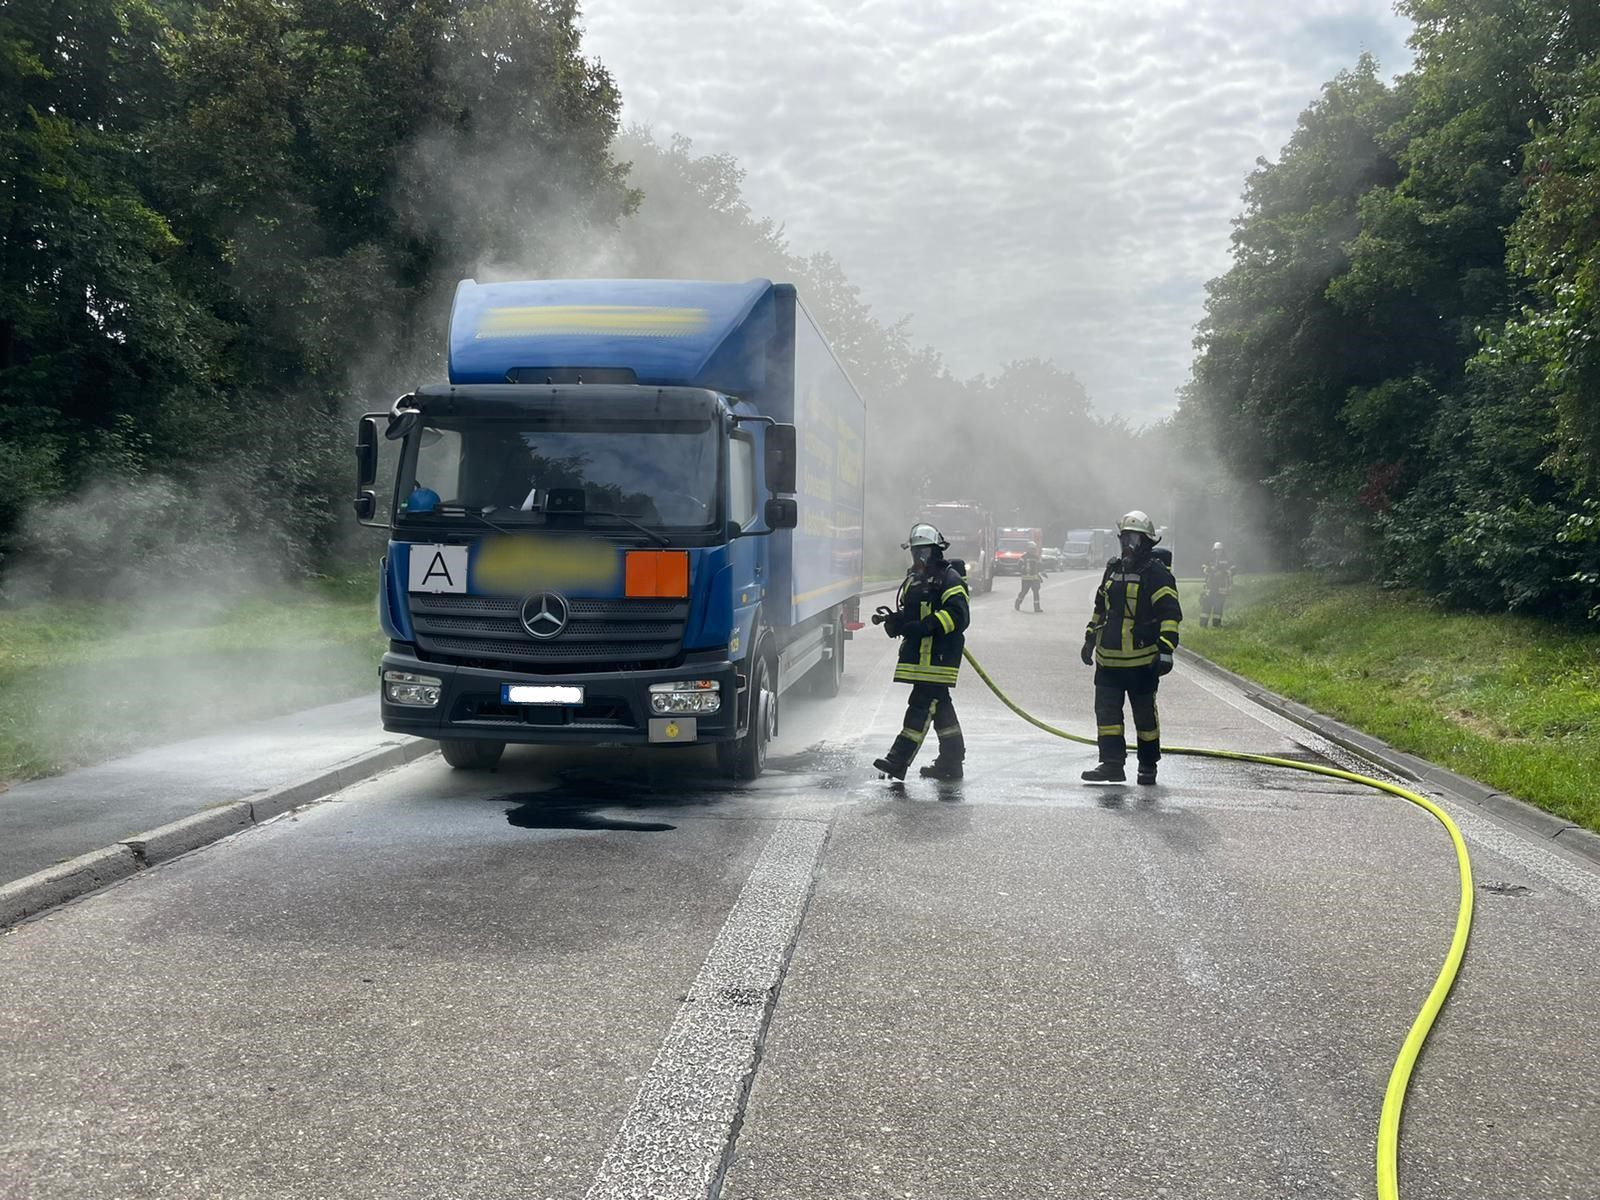 Motorschaden an Gefahrgut-LKW sorgt für Großeinsatz